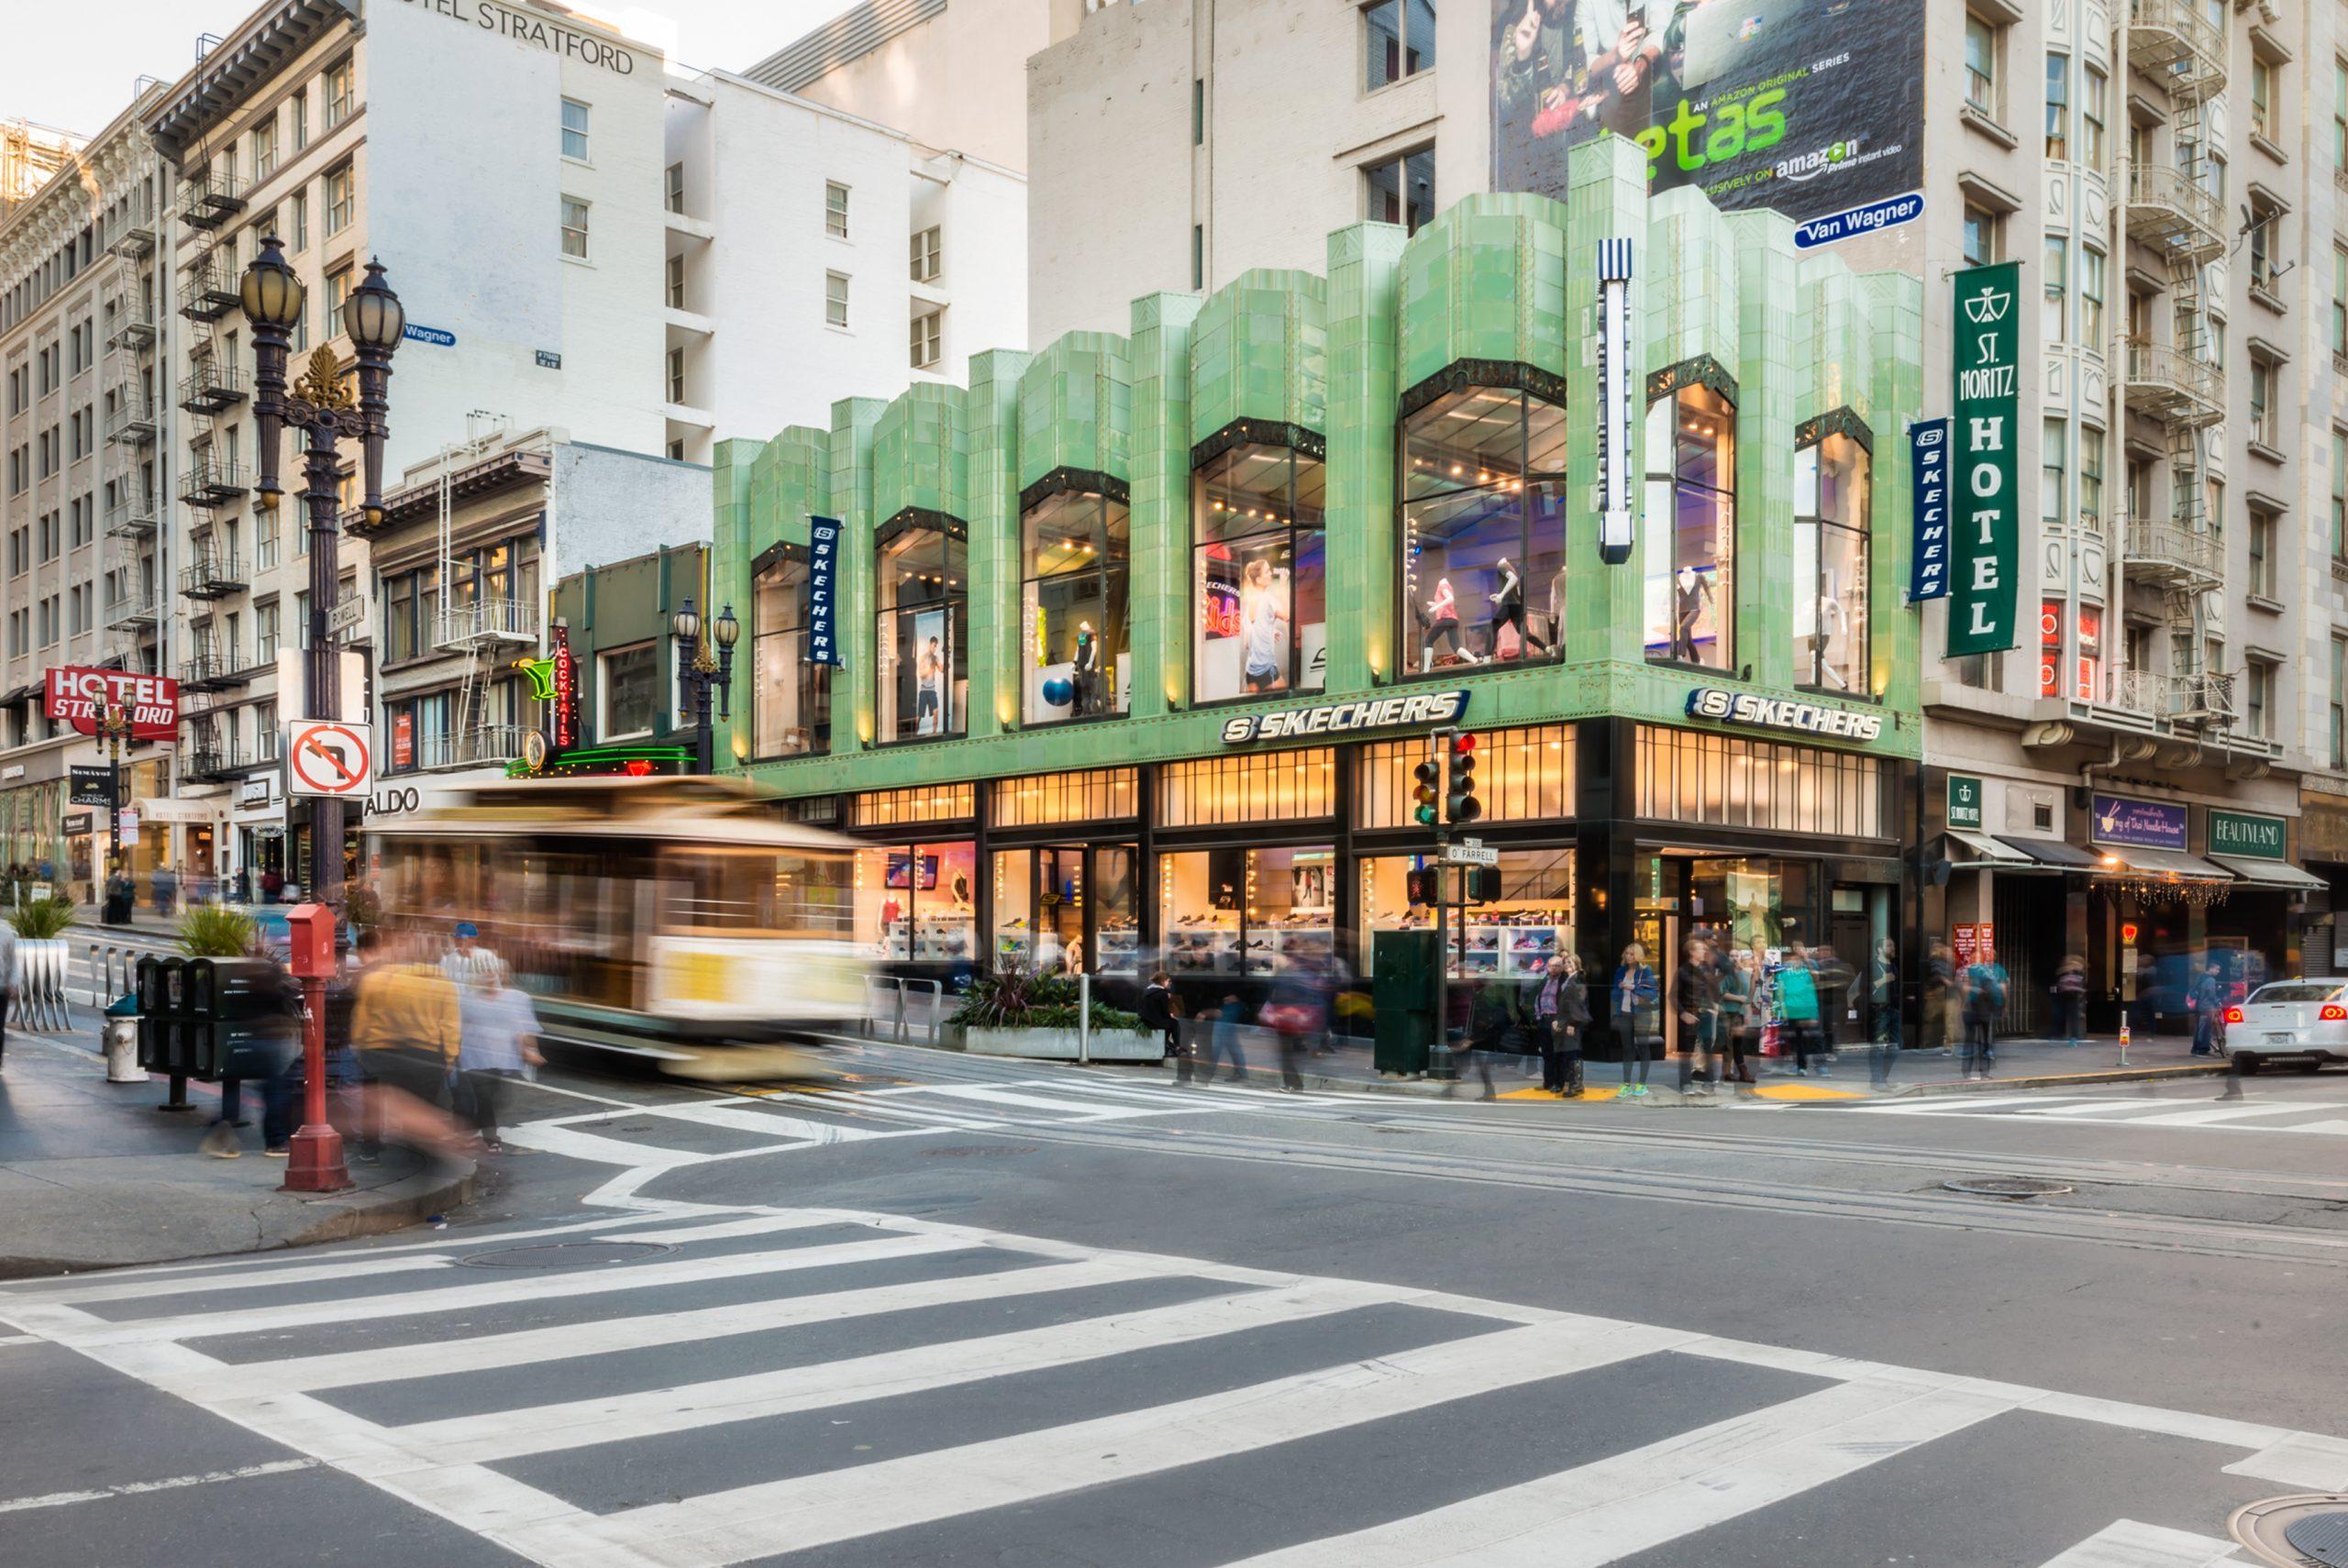 Skechers-Union-Square-San-Francisco-CA-Photo-3